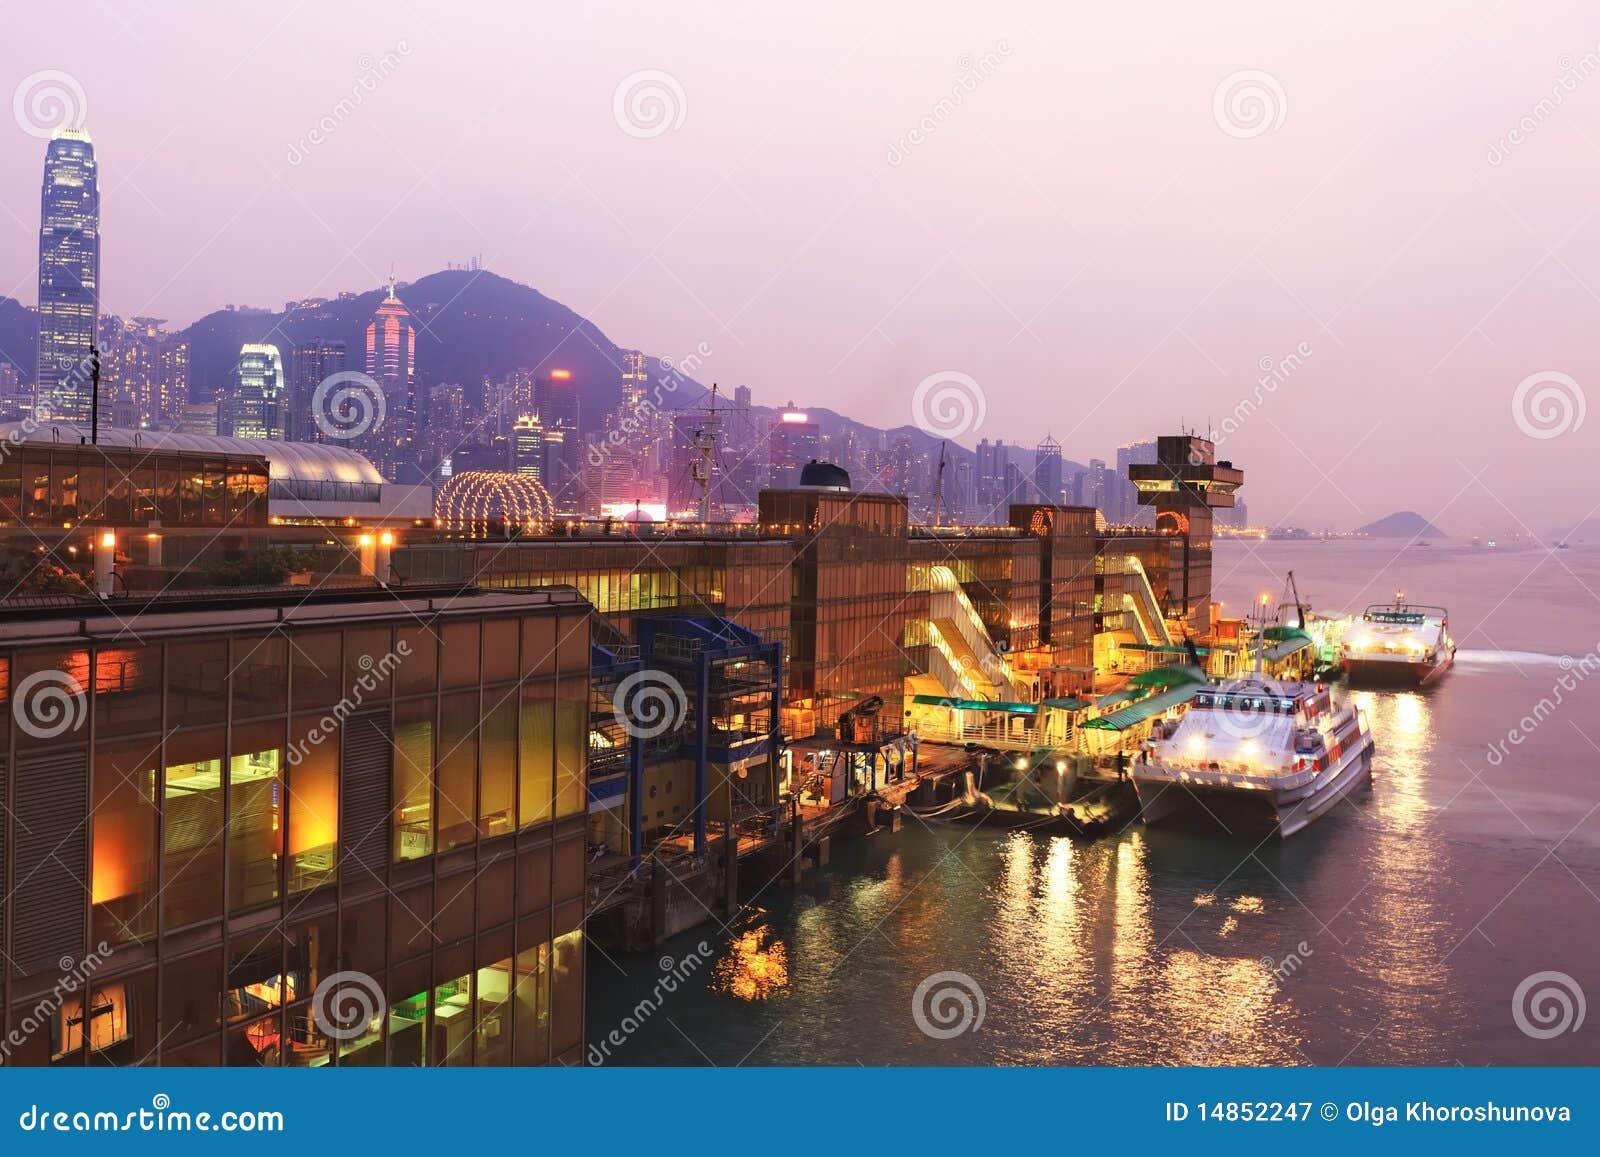 Hong Kong harbor ferry